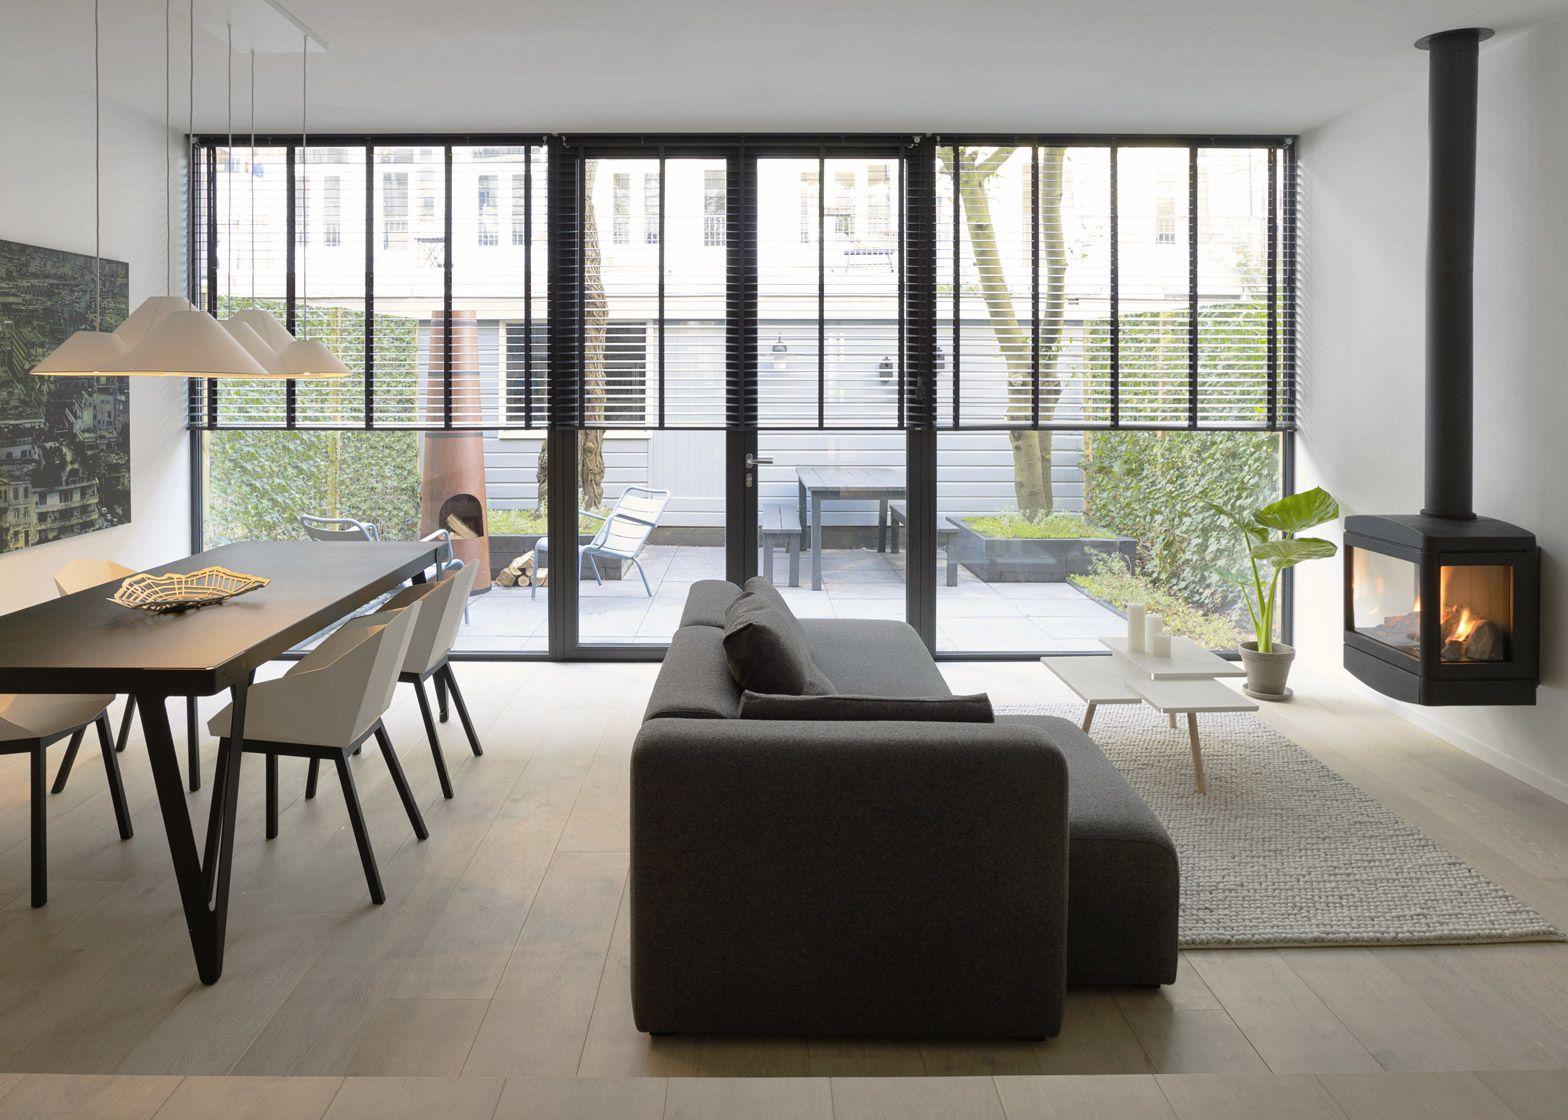 Frederik roijé designs minimal interior for amsterdam apartment